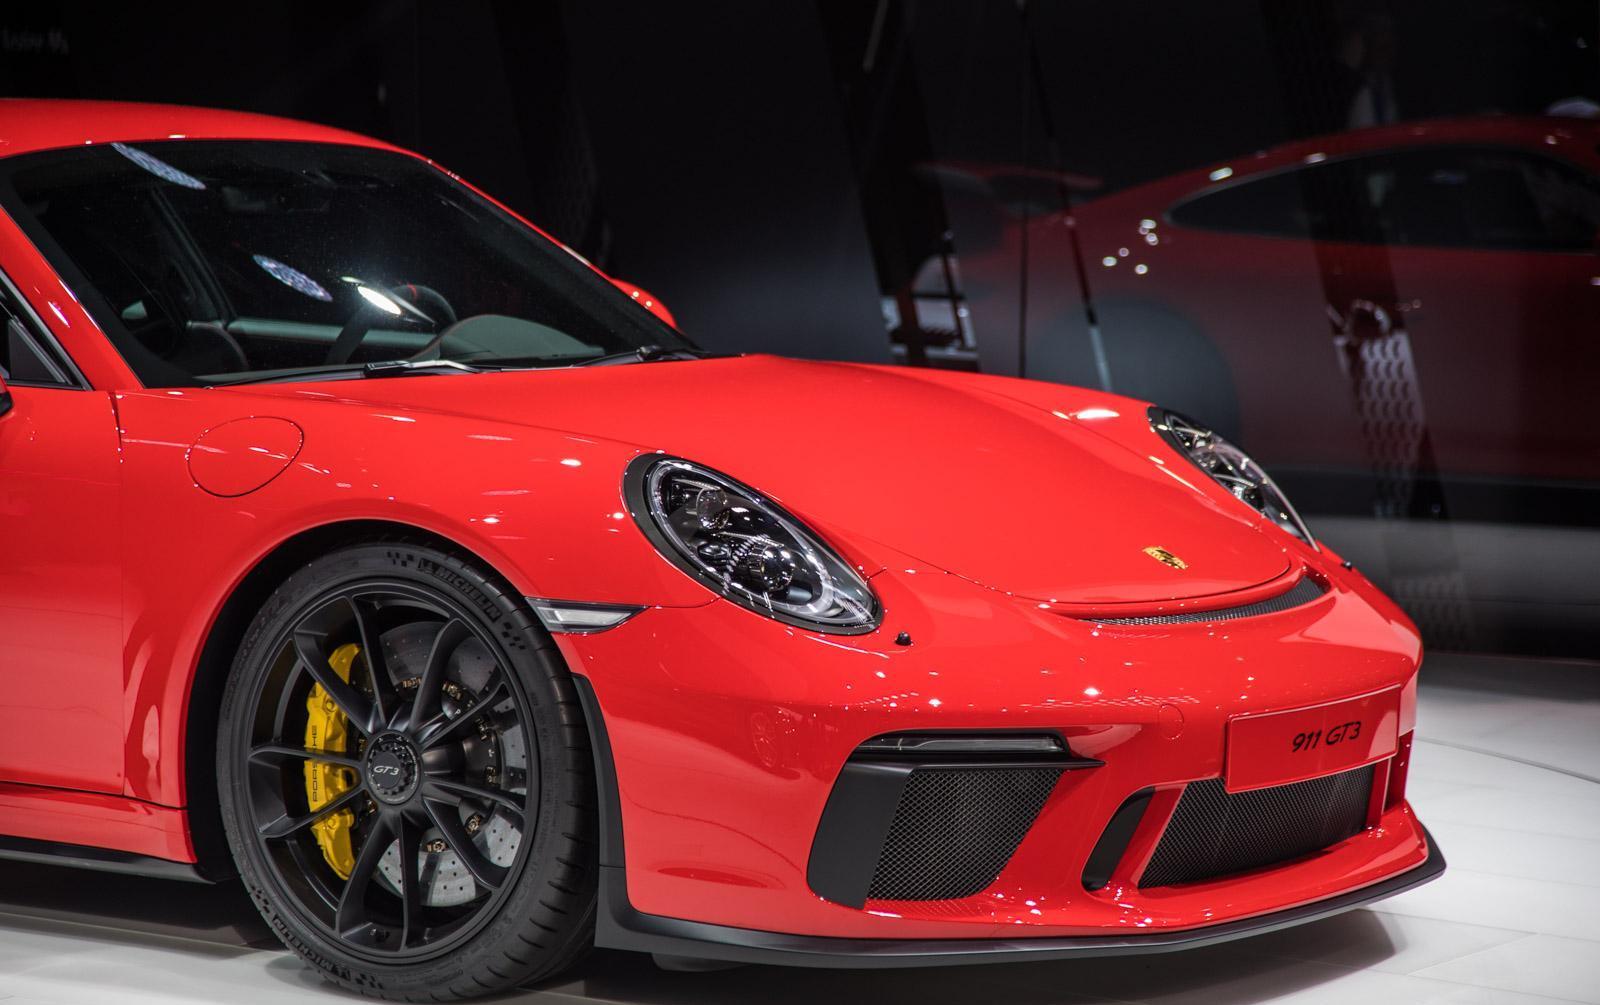 Porsche-911-gt3-facelift-008